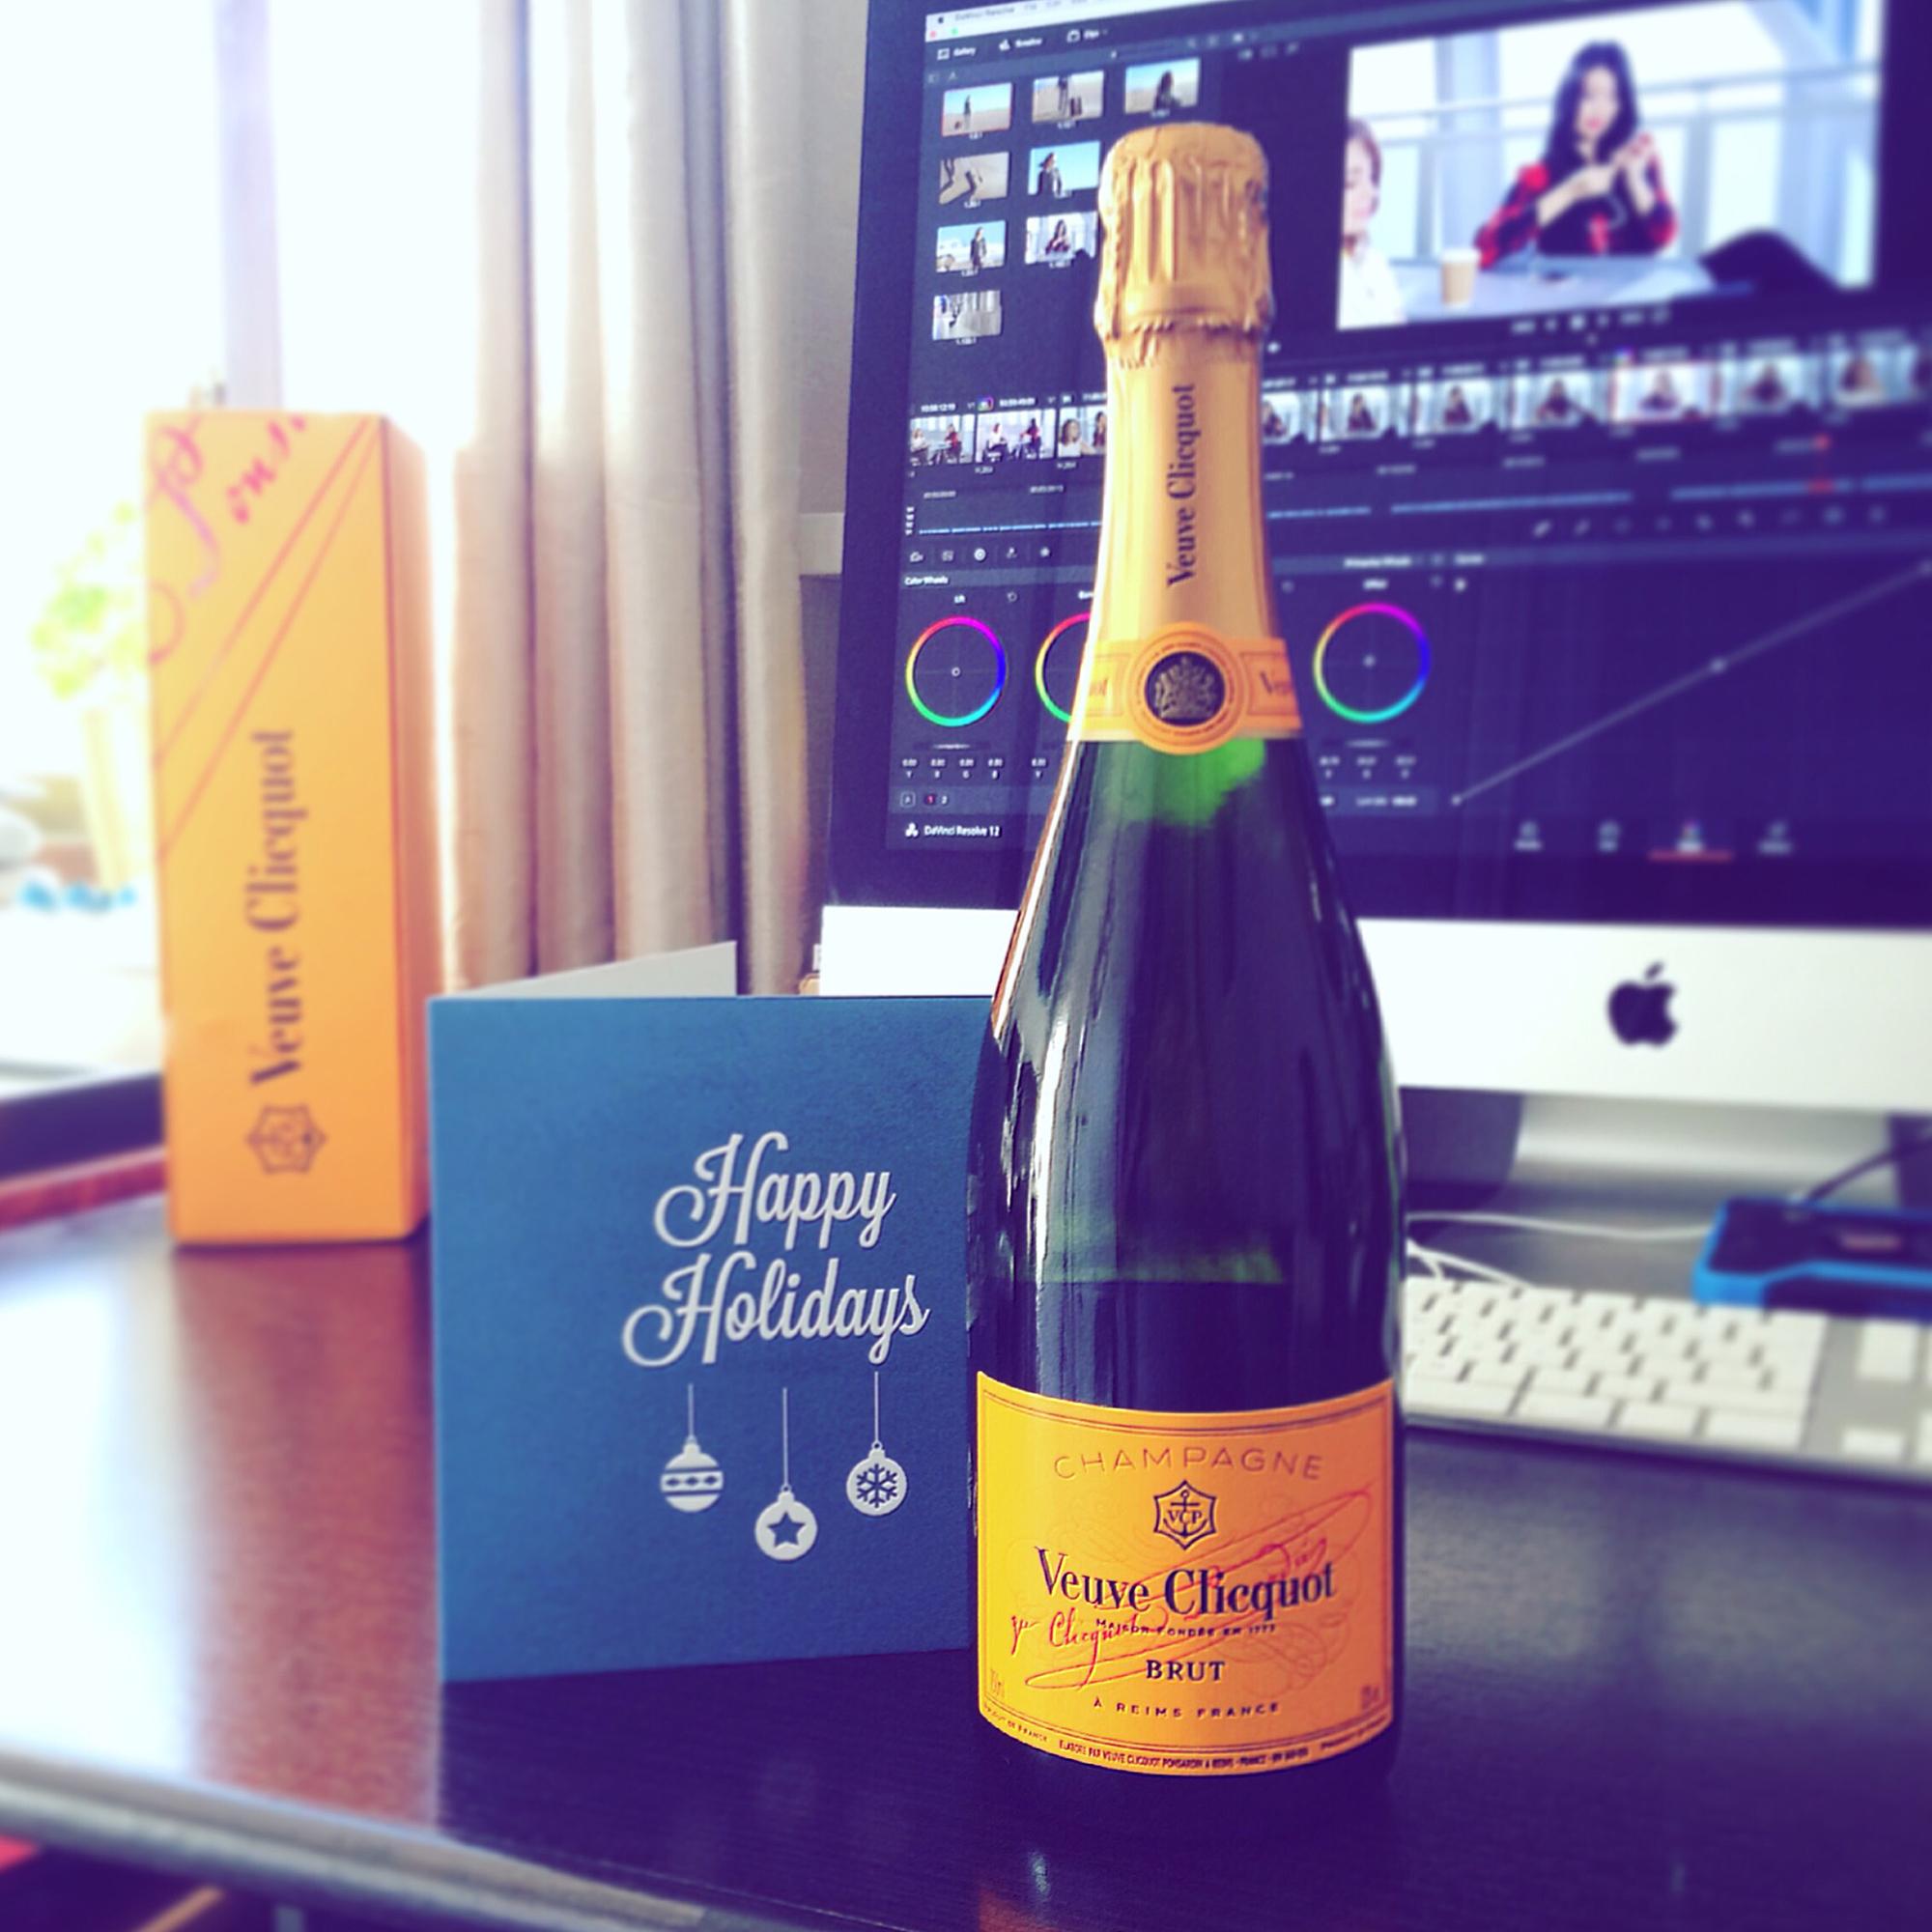 Happy Hols 2015